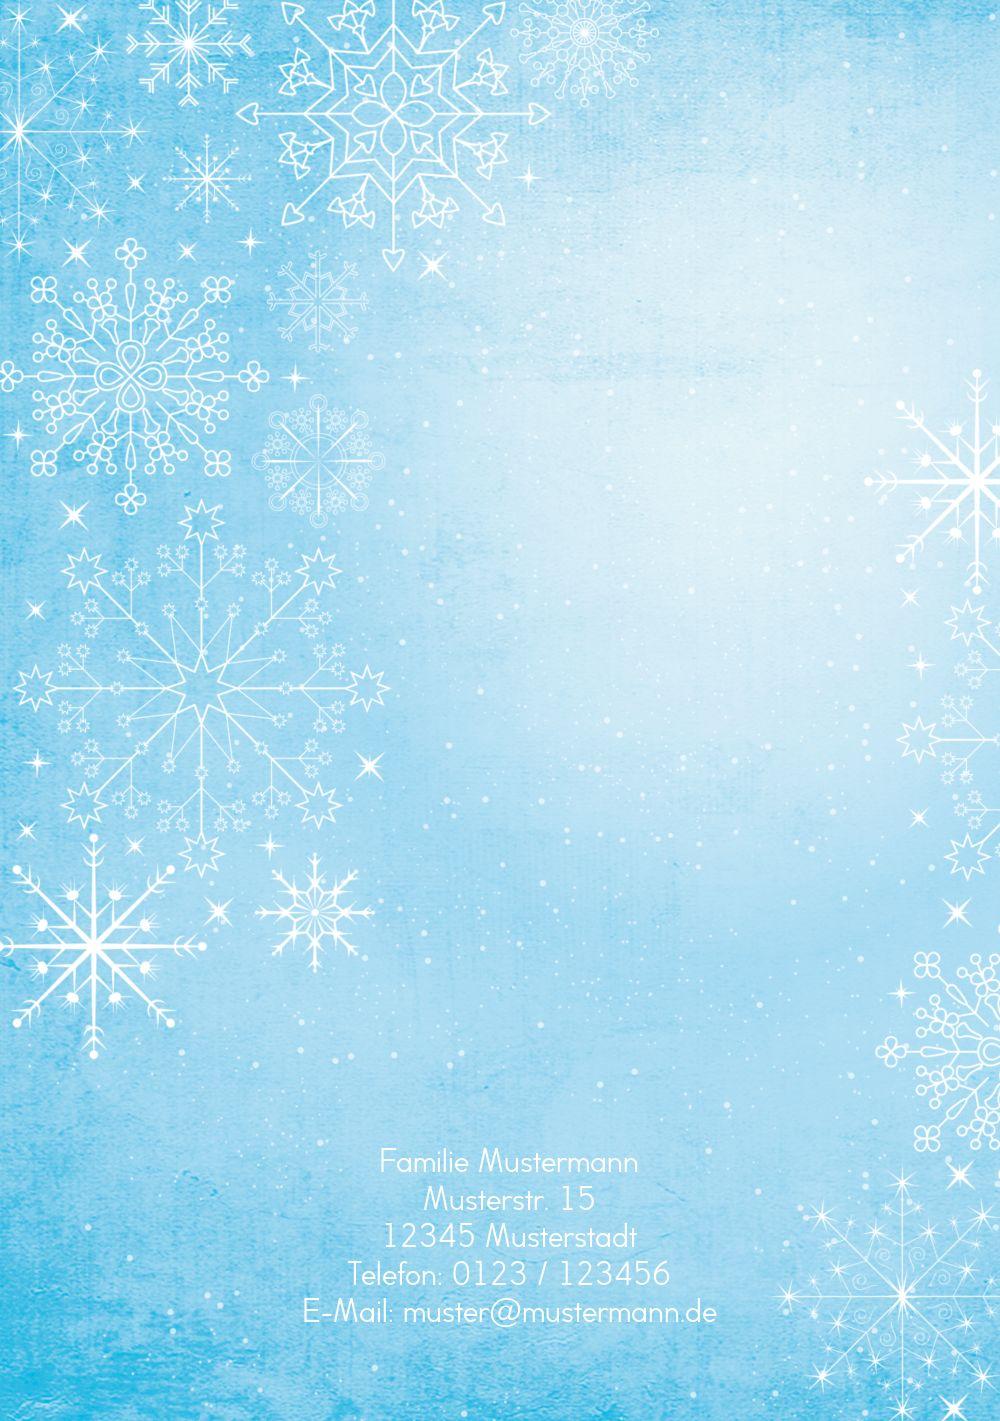 Ansicht 2 - Grußkarte Wintertraum